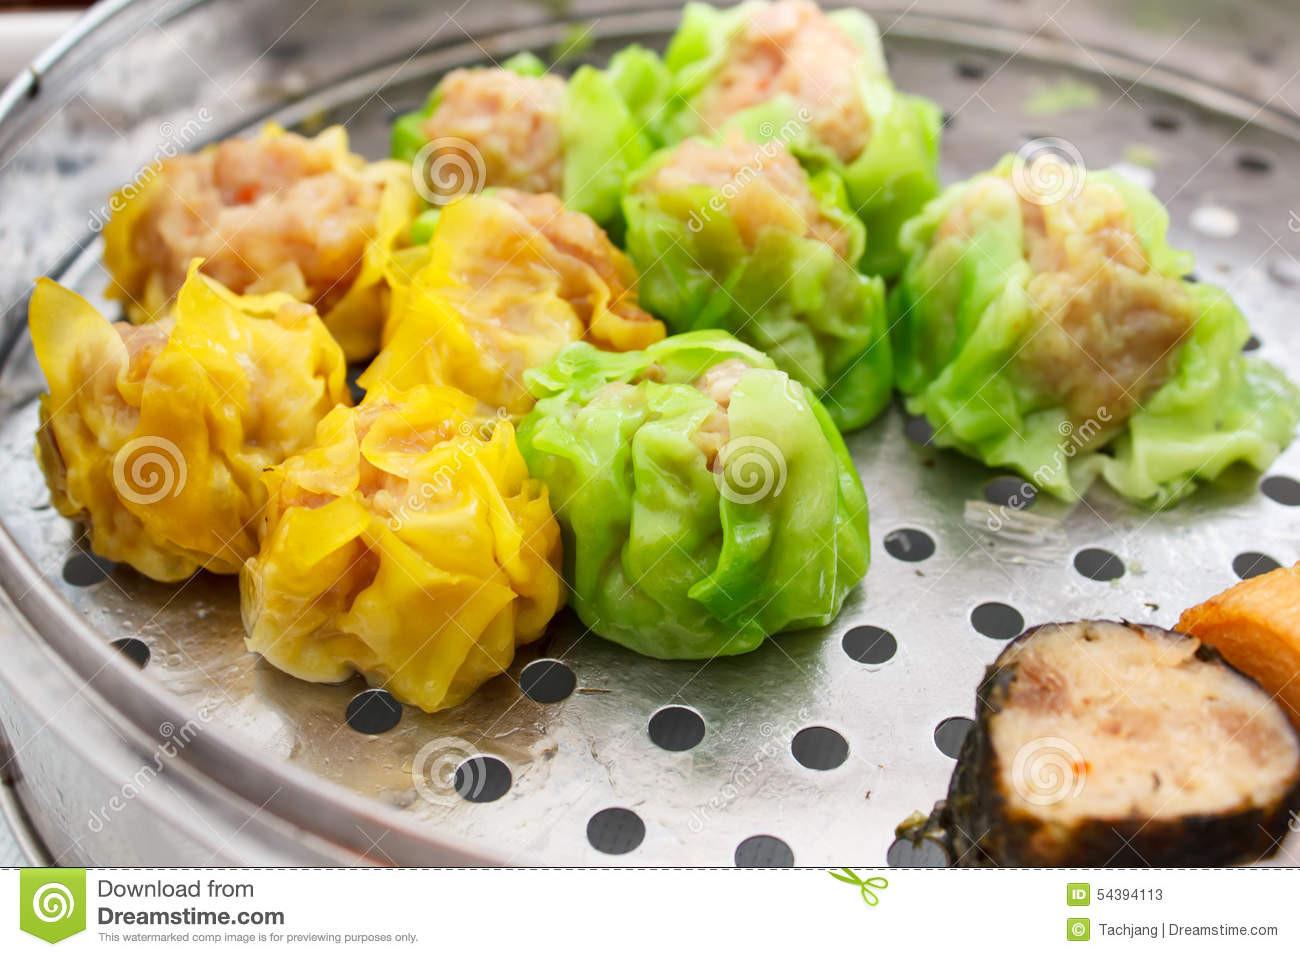 Chinese Food Appetizers  Chinese Food Appetizer Mixed Dim Sum Stock Image Image